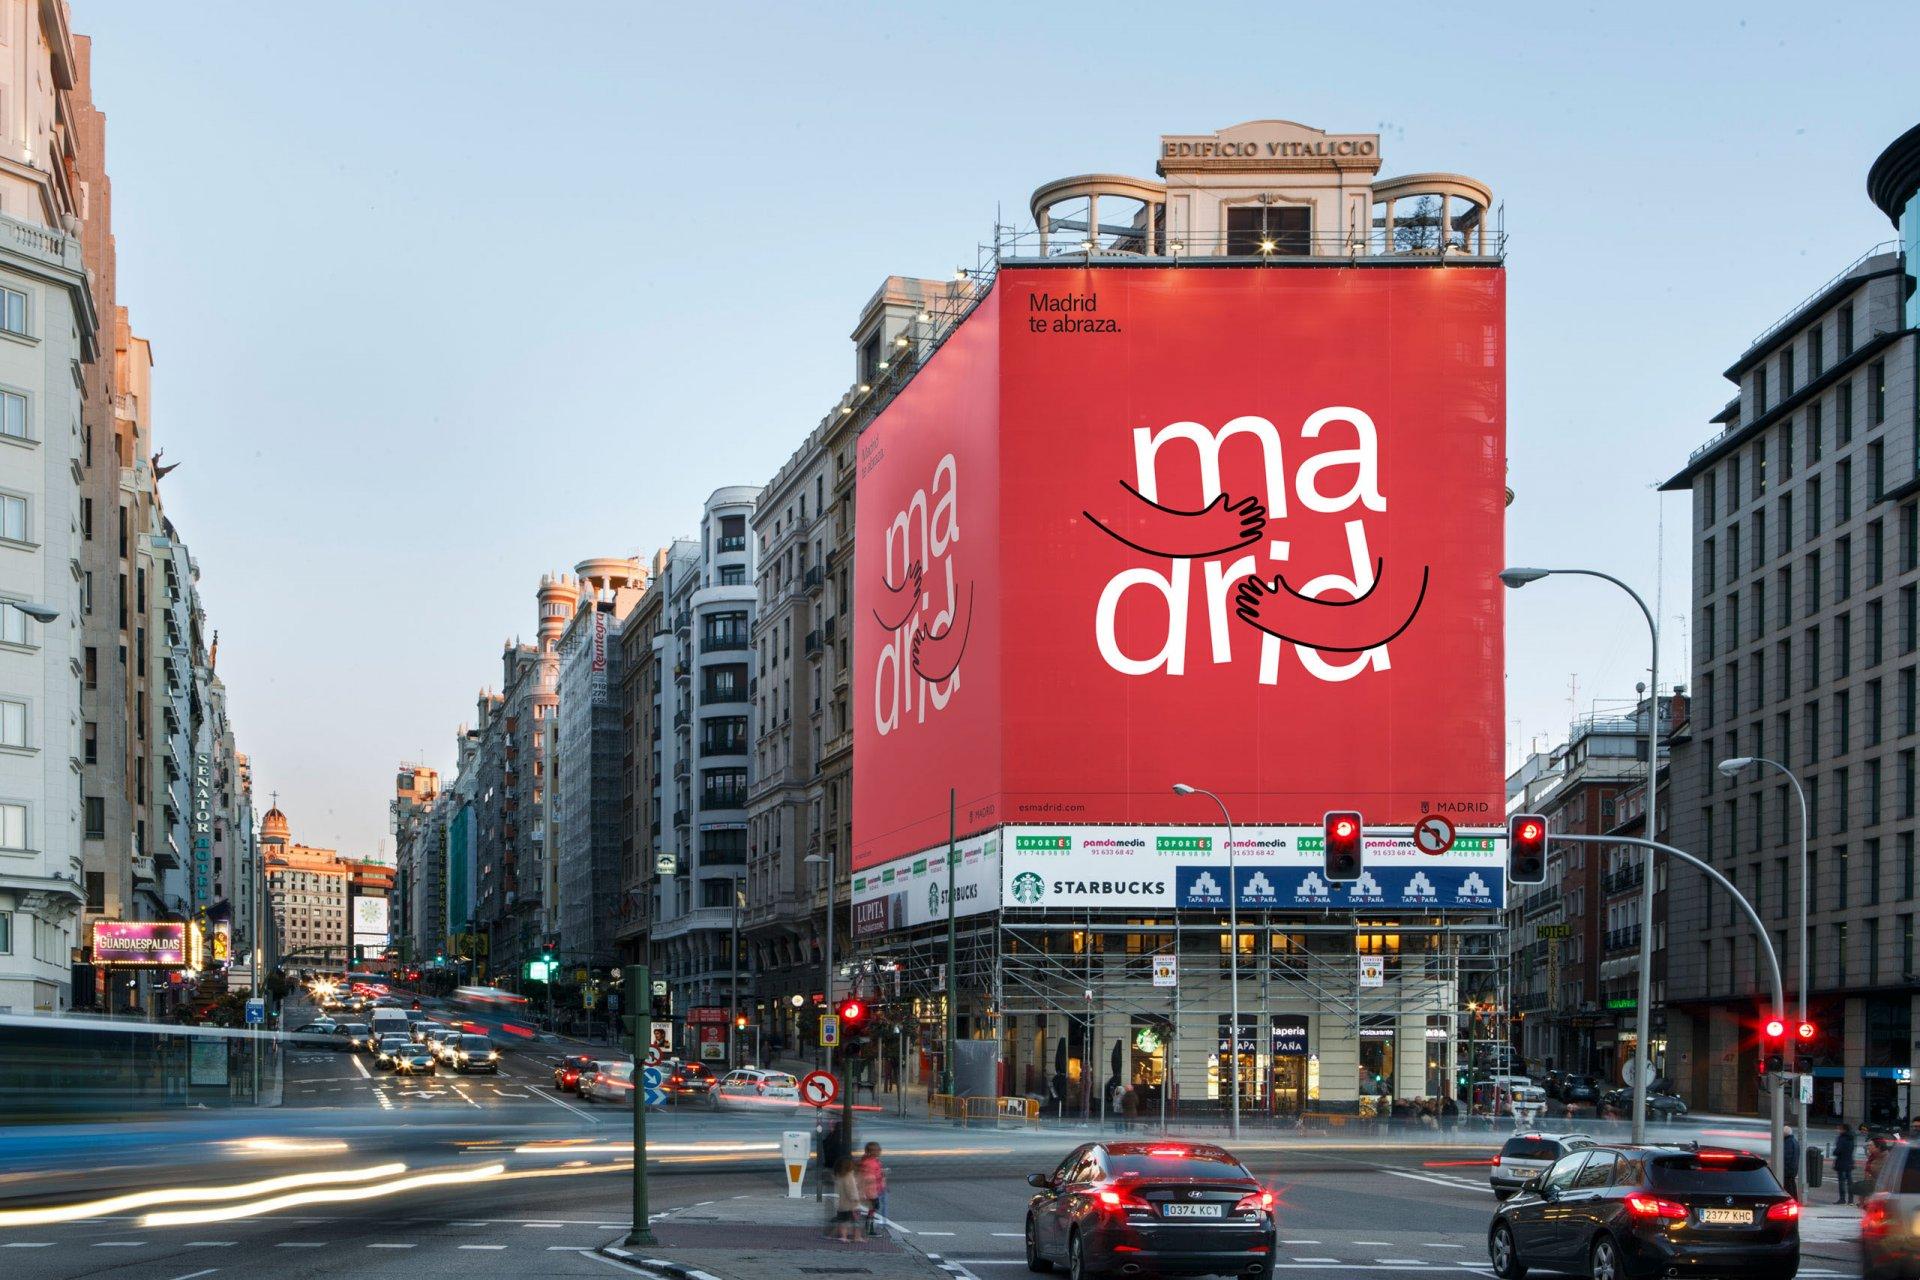 Errestre thực hiện bộ icon cho thành phố Madrid sôi động